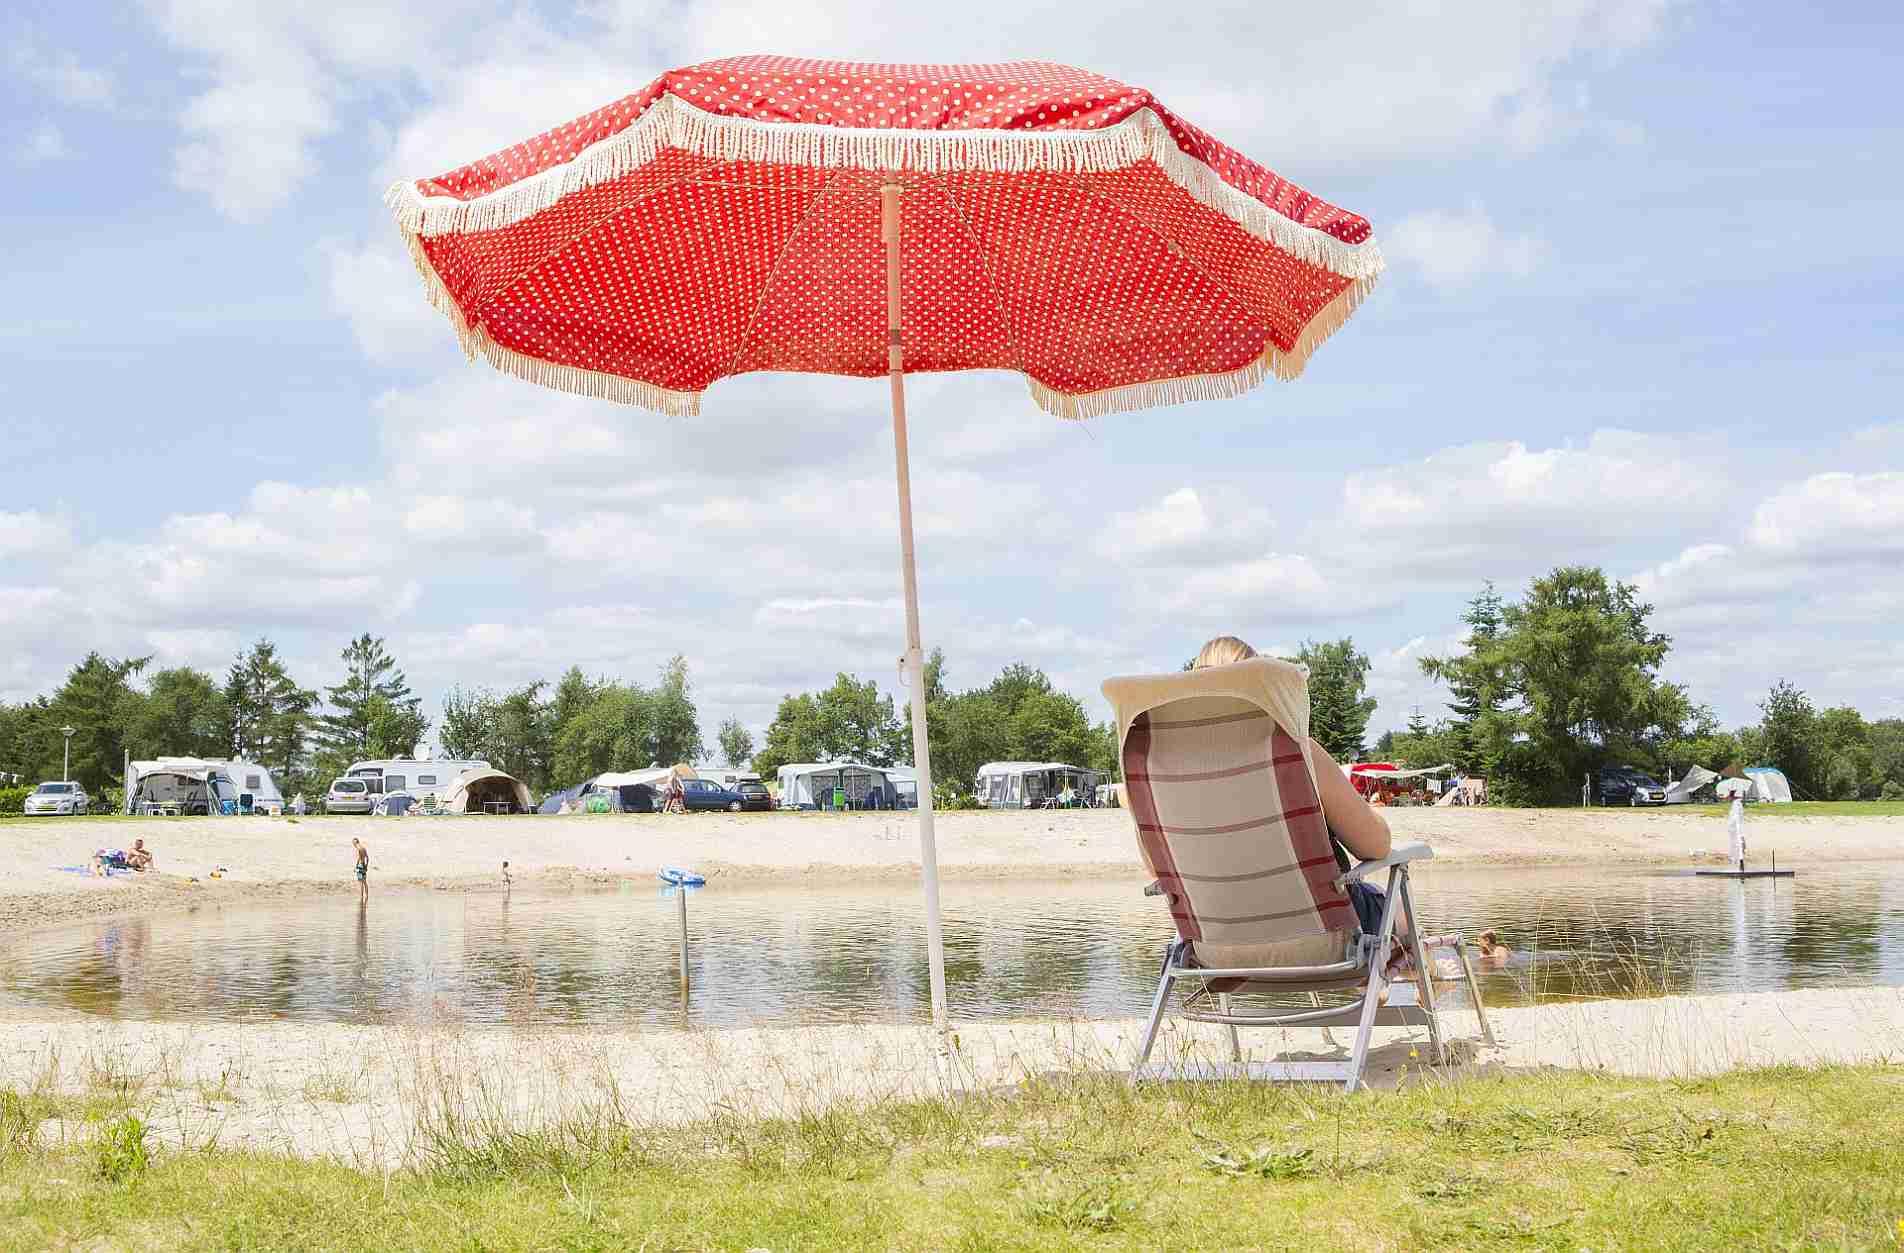 Sommerurlaub in den Niederlanden -